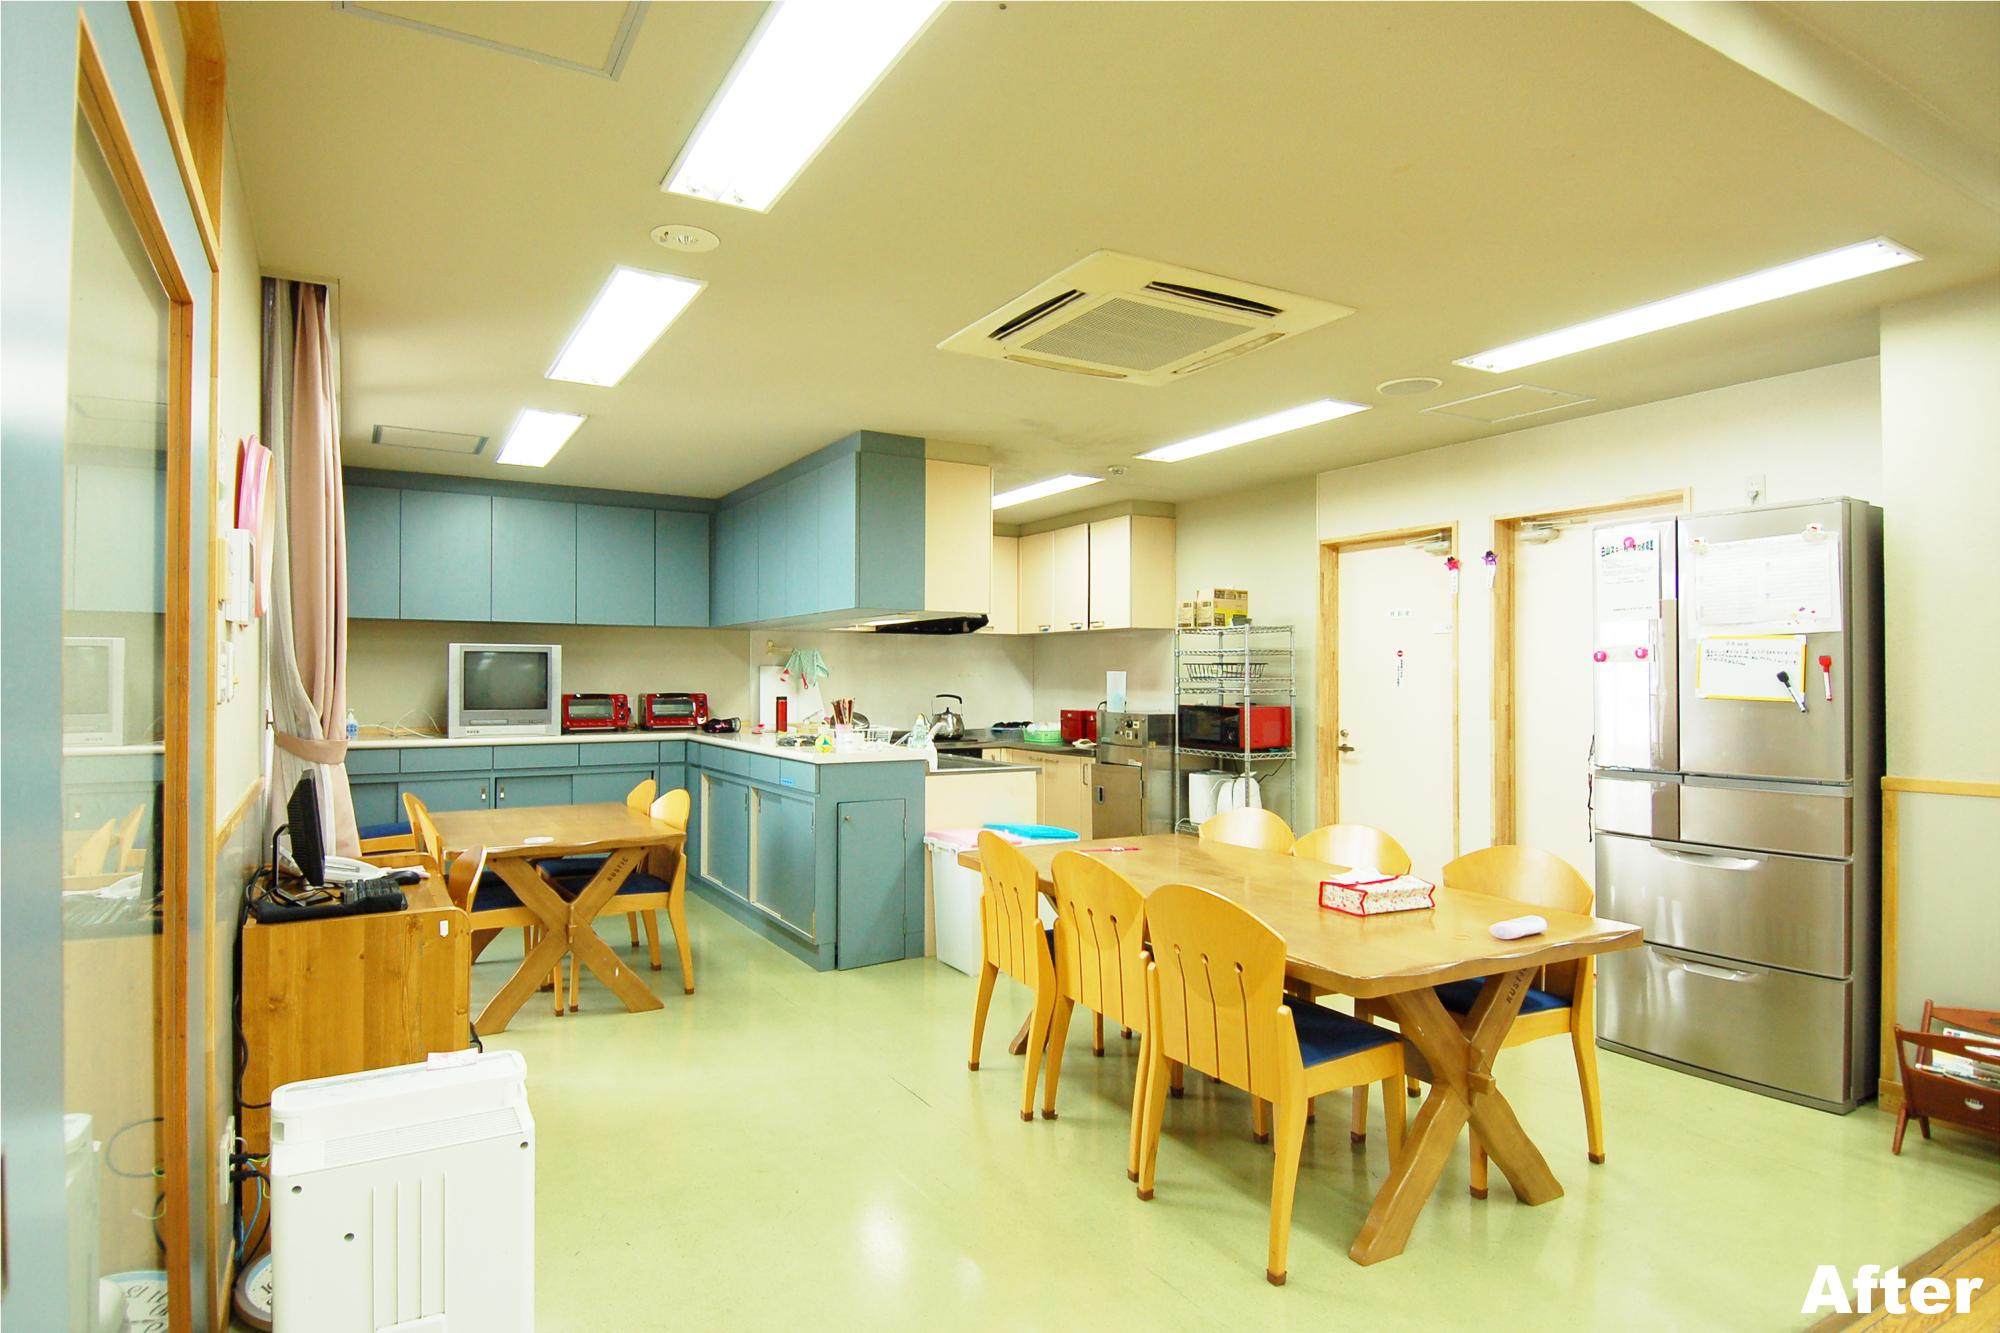 中日青葉学園あおば館-小規模化事業